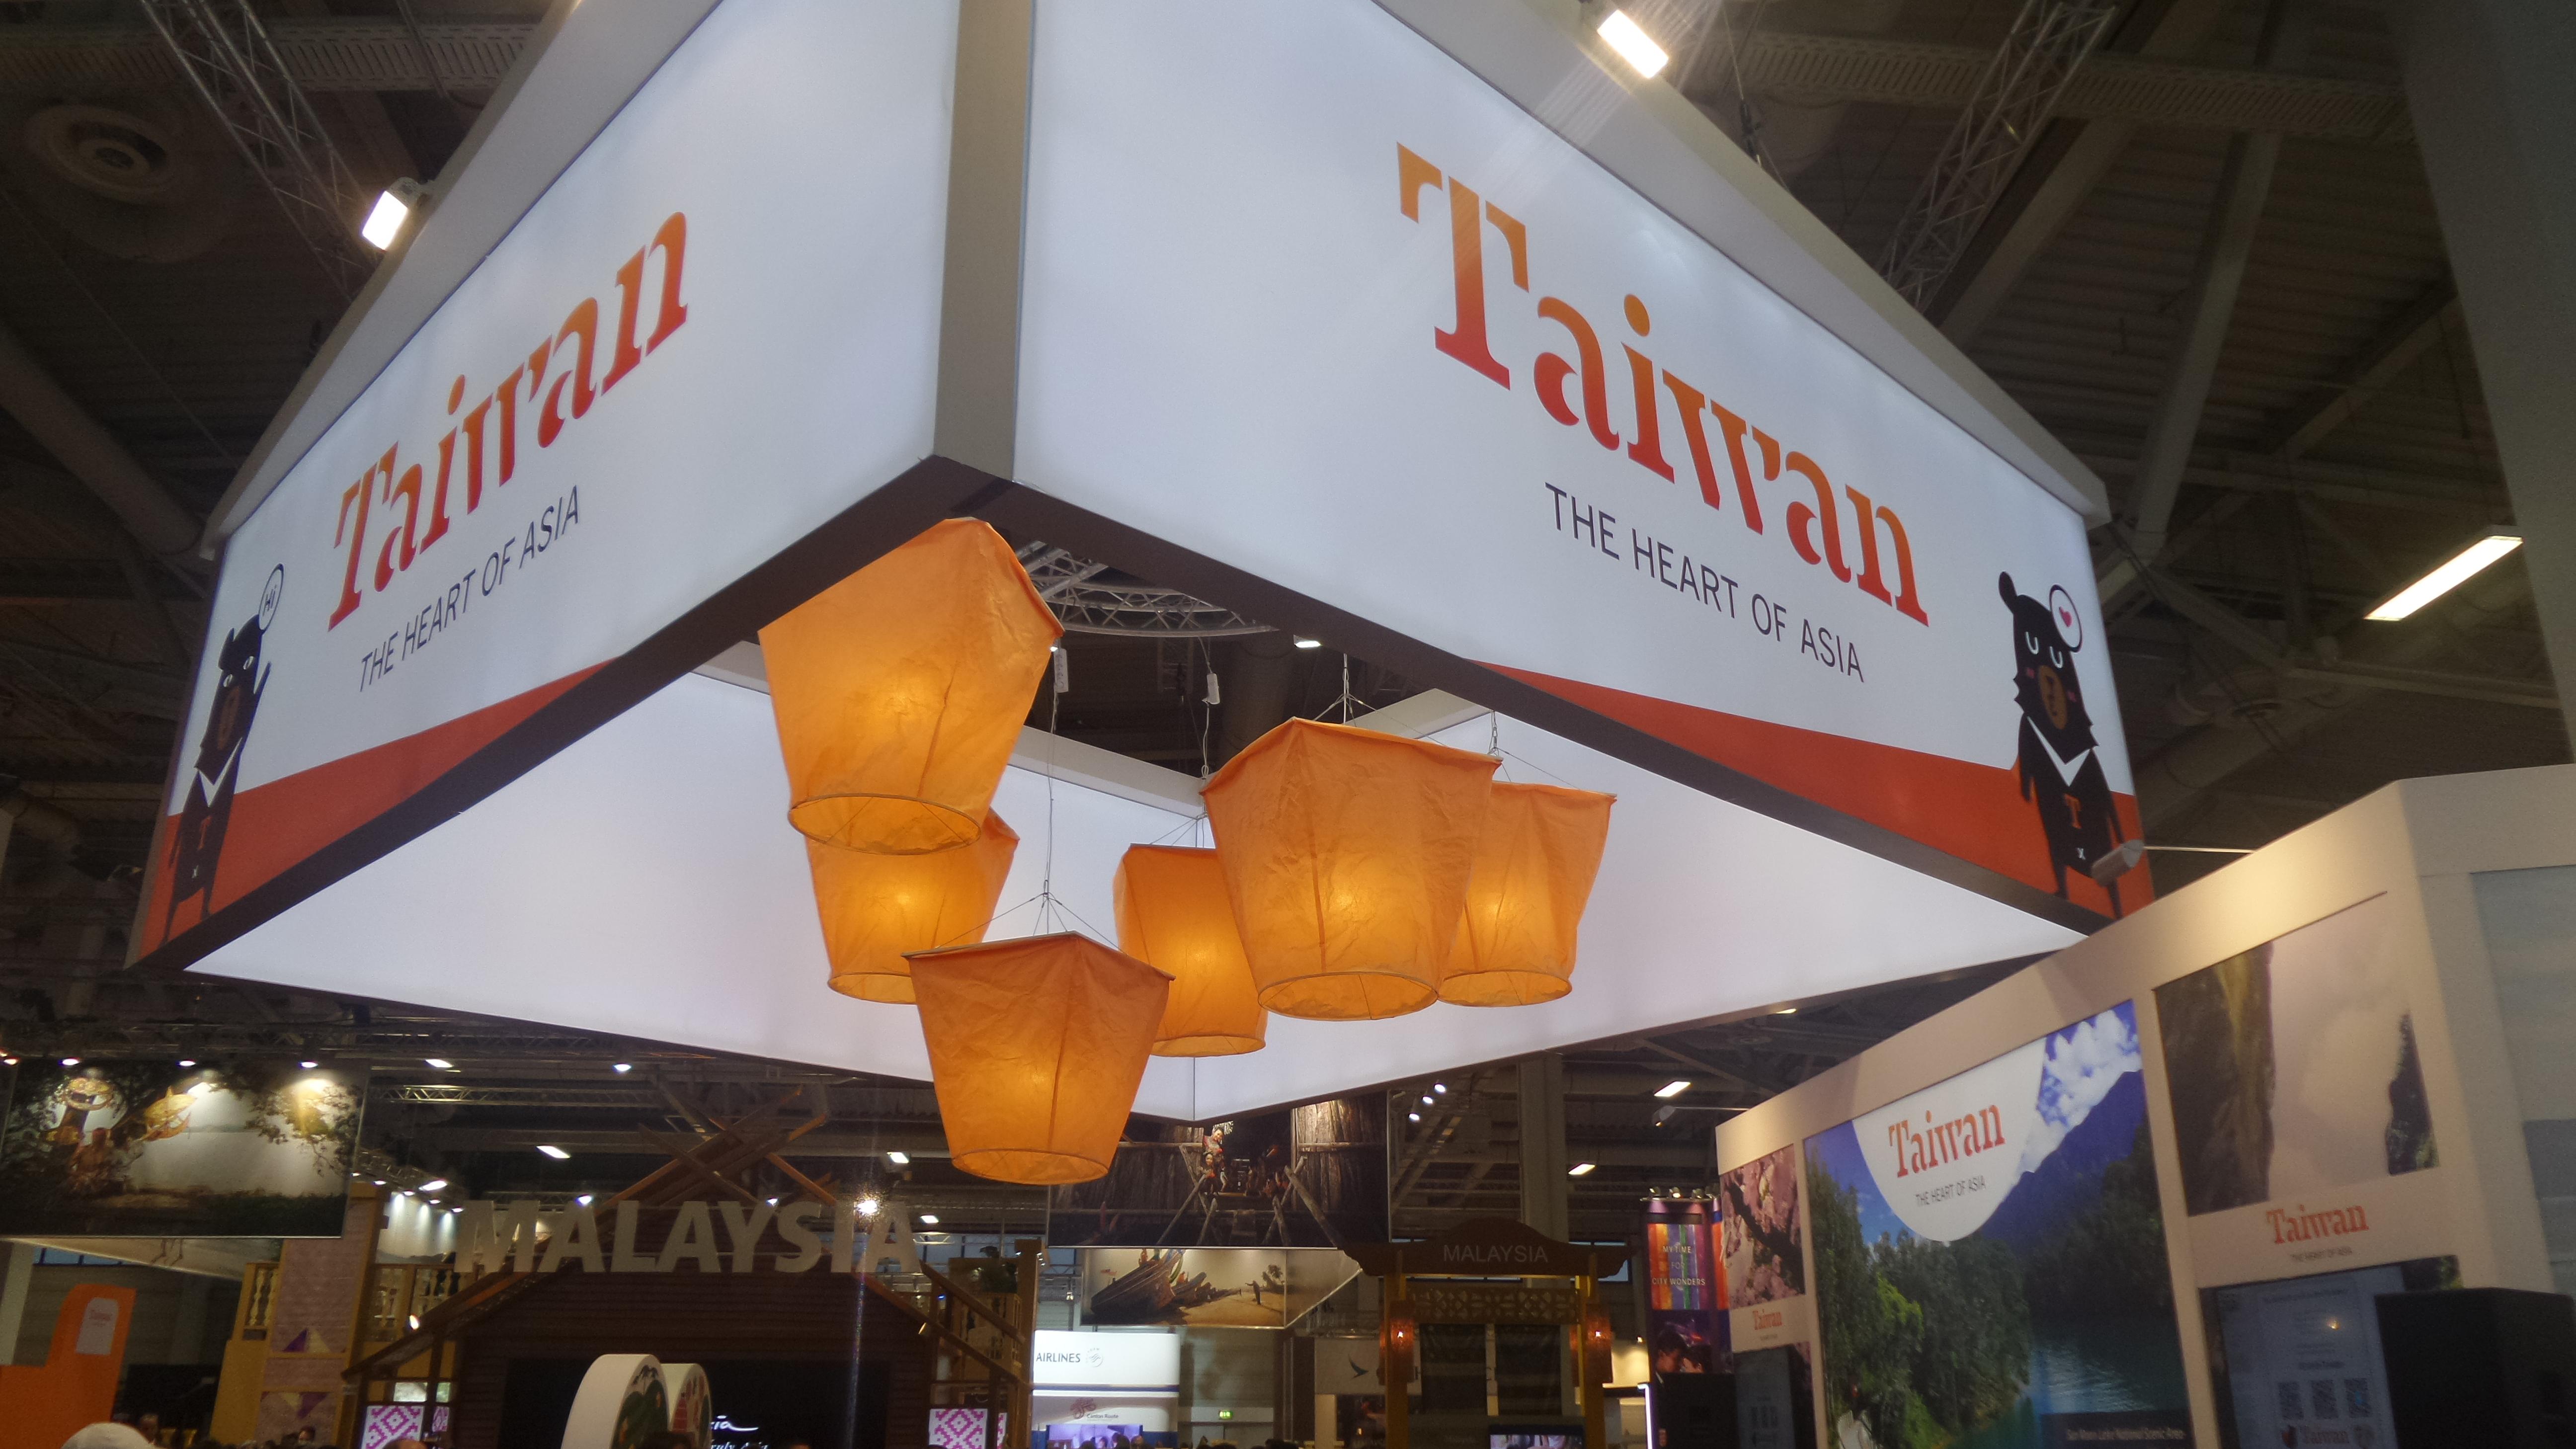 Taiwan Republik auf der ITB Berlin